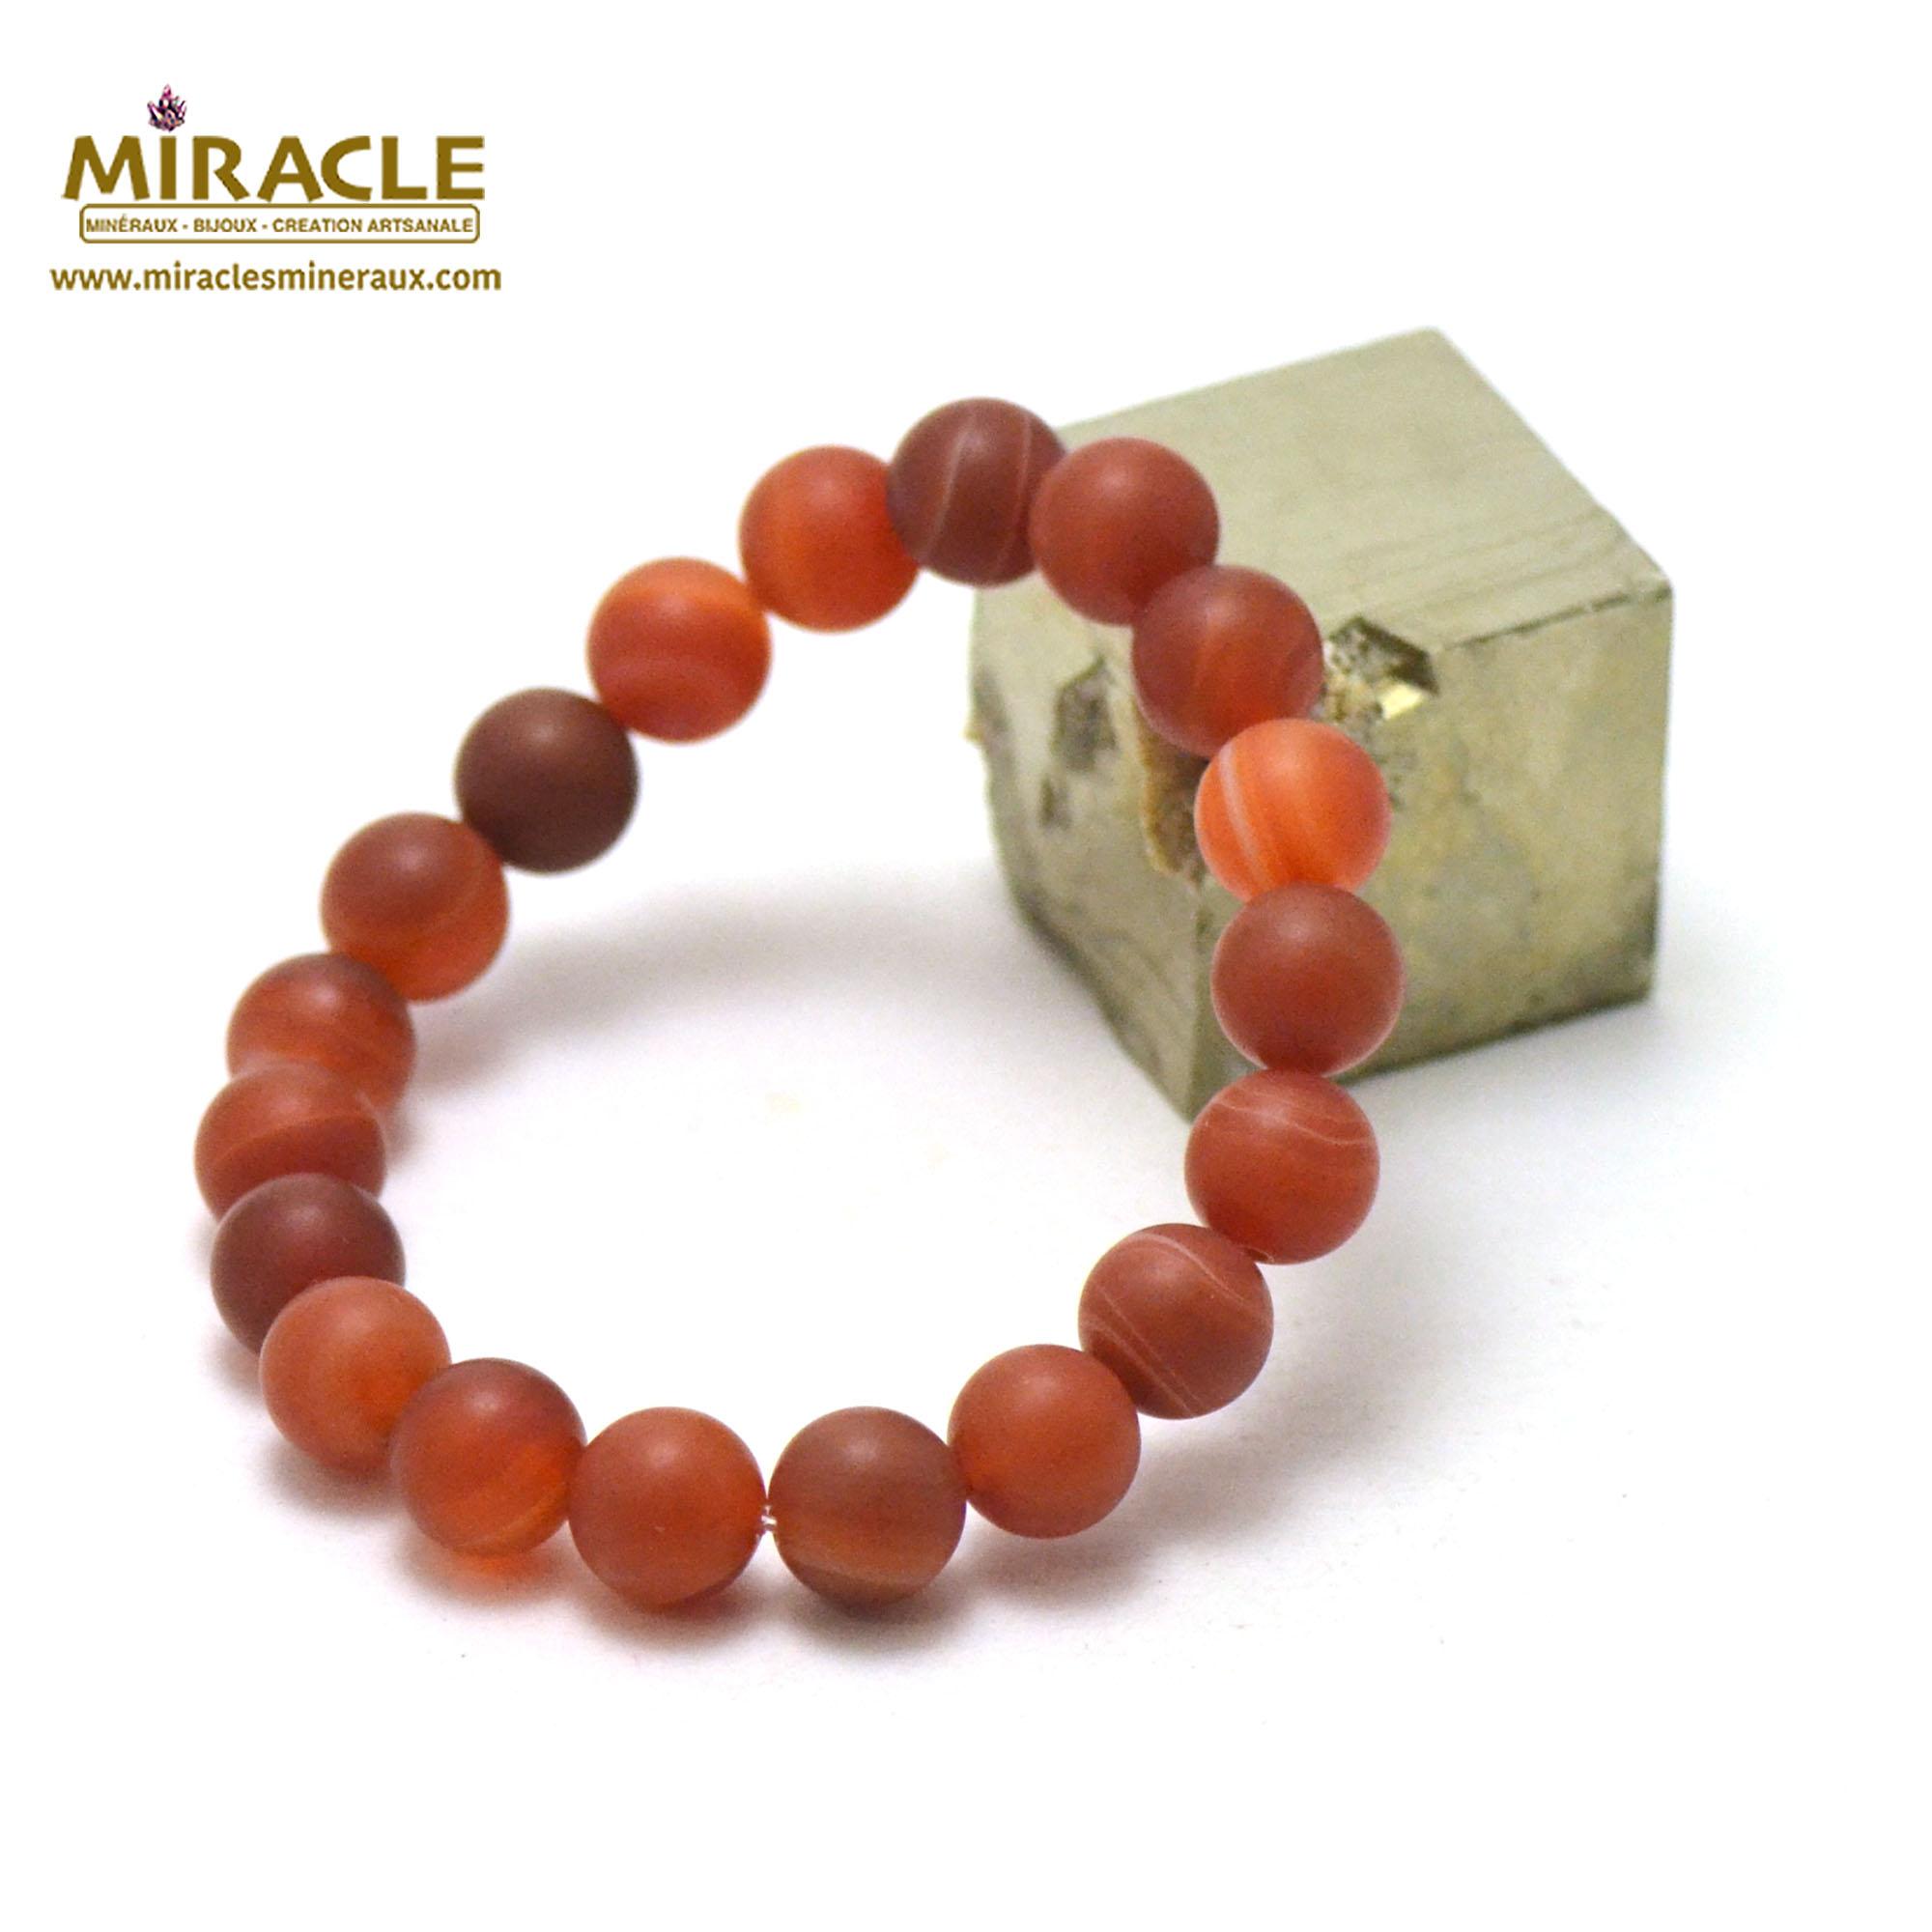 Bracelet cornaline givré perle mat ronde 10 mm